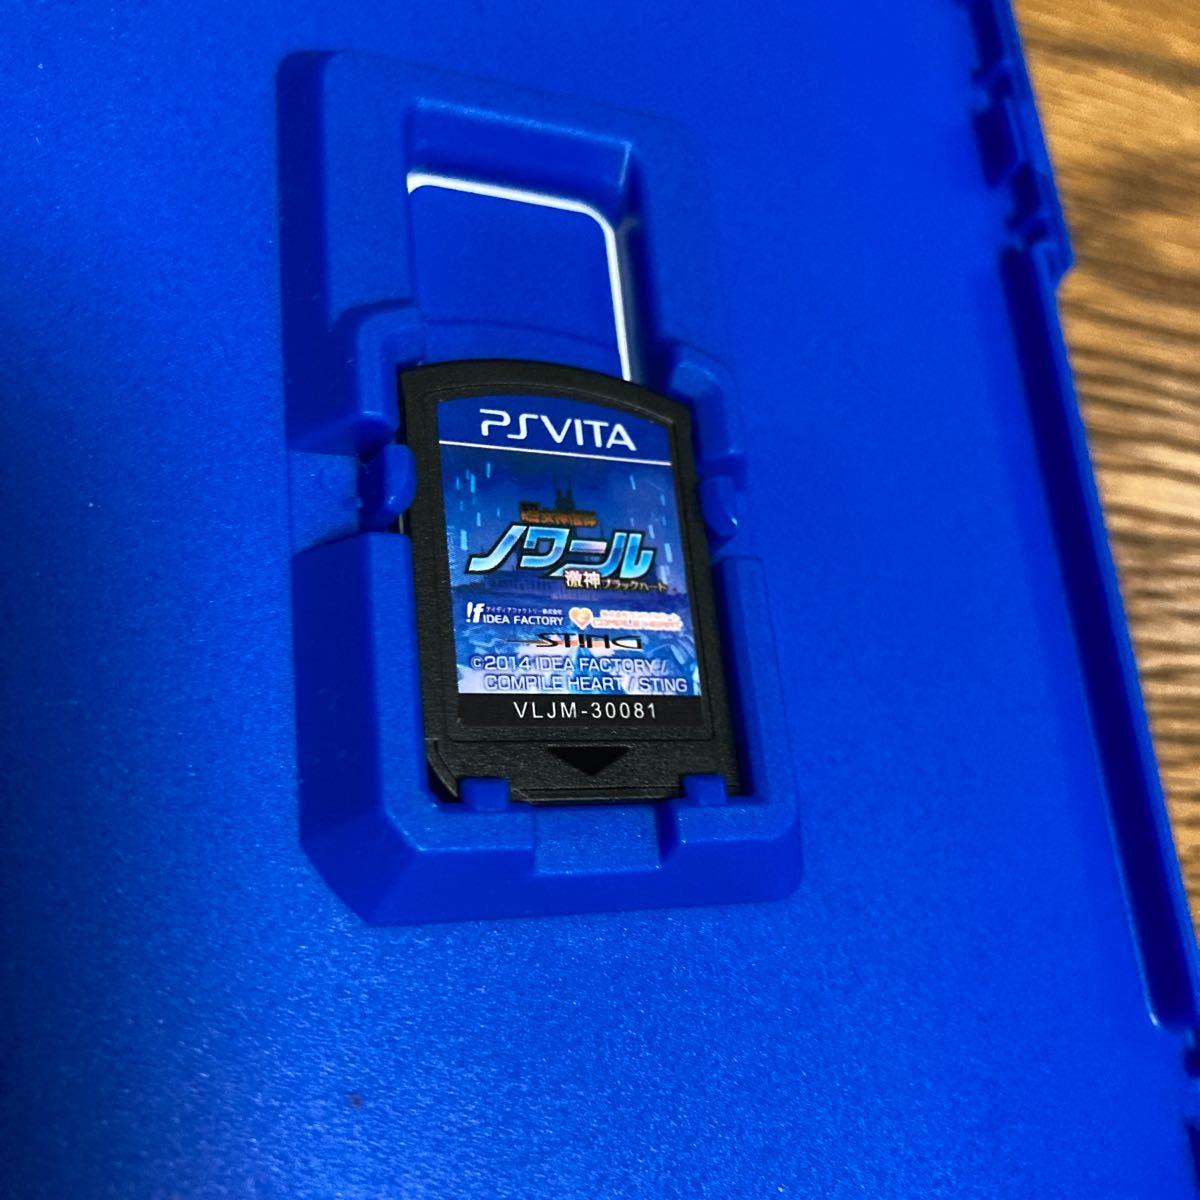 PS Vita ソフト 超女神ノワール激神ブラックハート